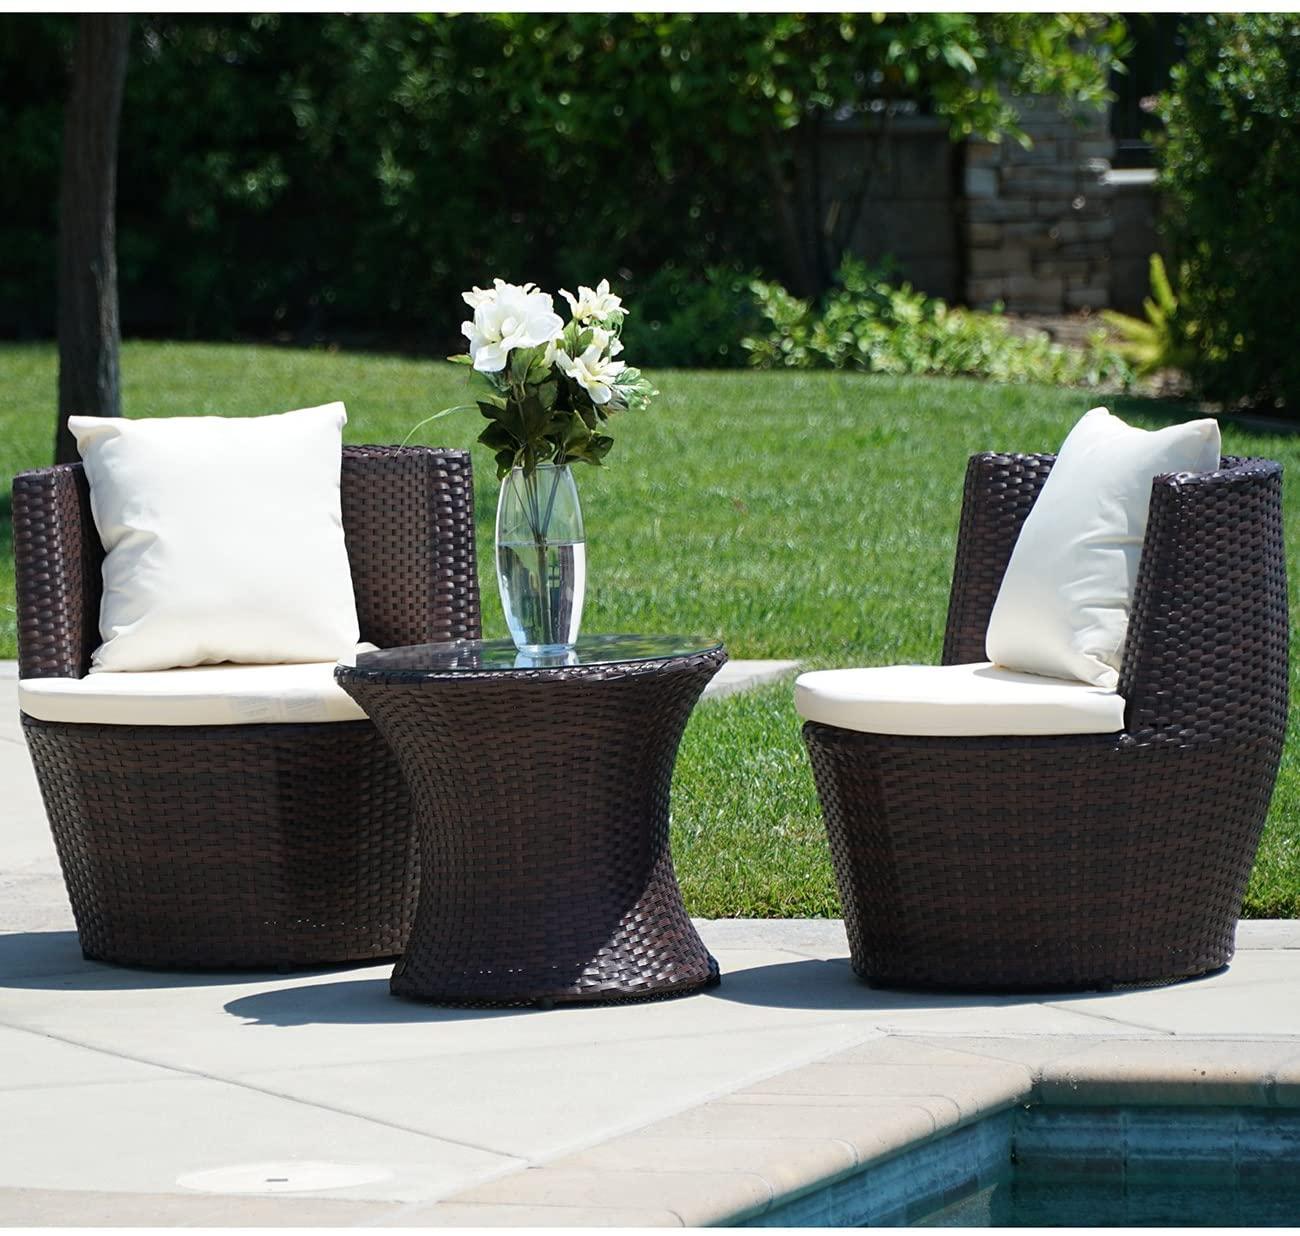 Best Patio Furniture Sets Under $500